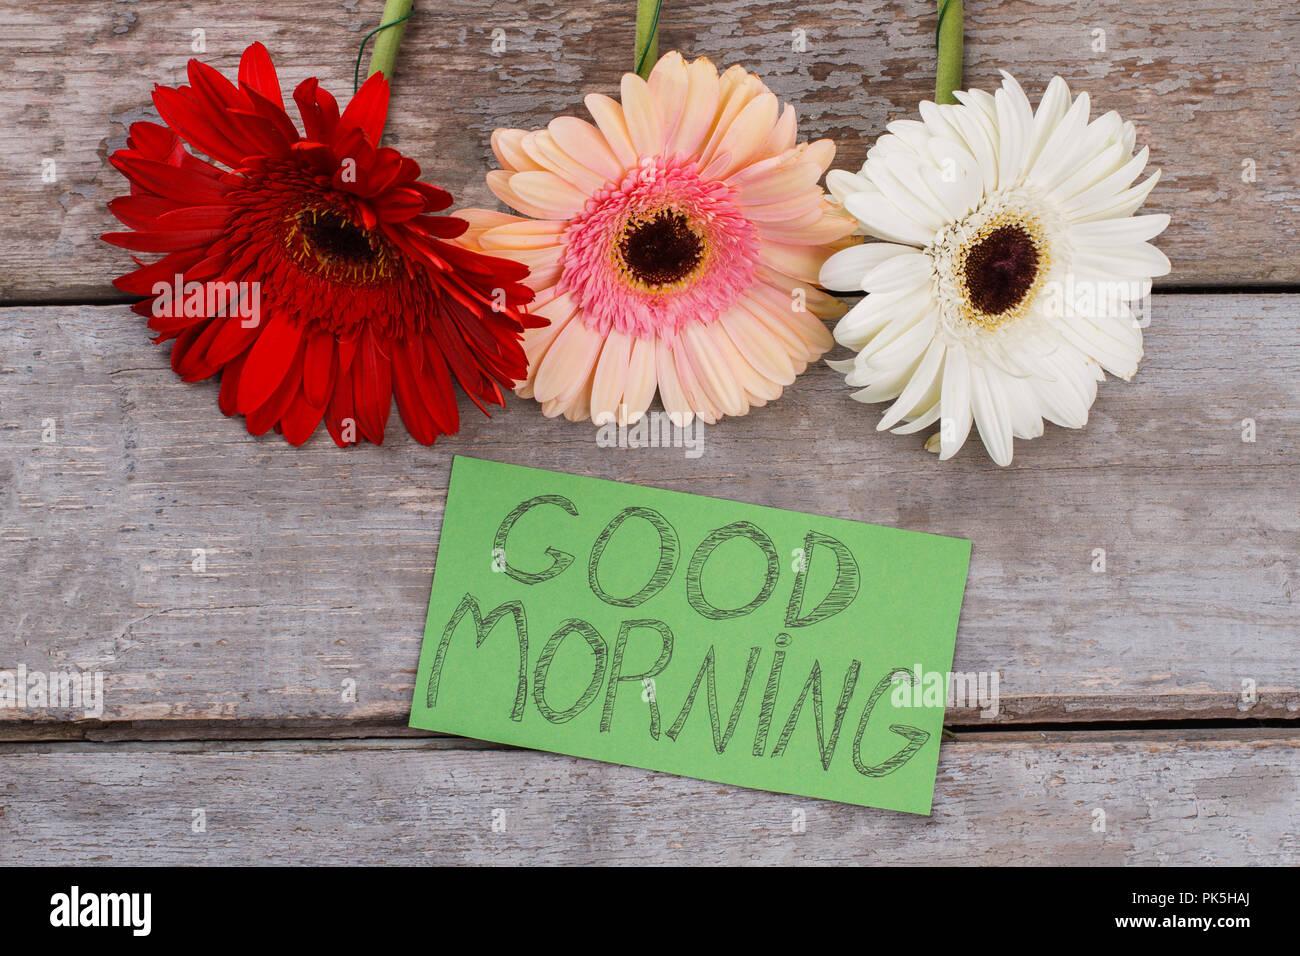 Good Morning Daisy Stock Photos Good Morning Daisy Stock Images